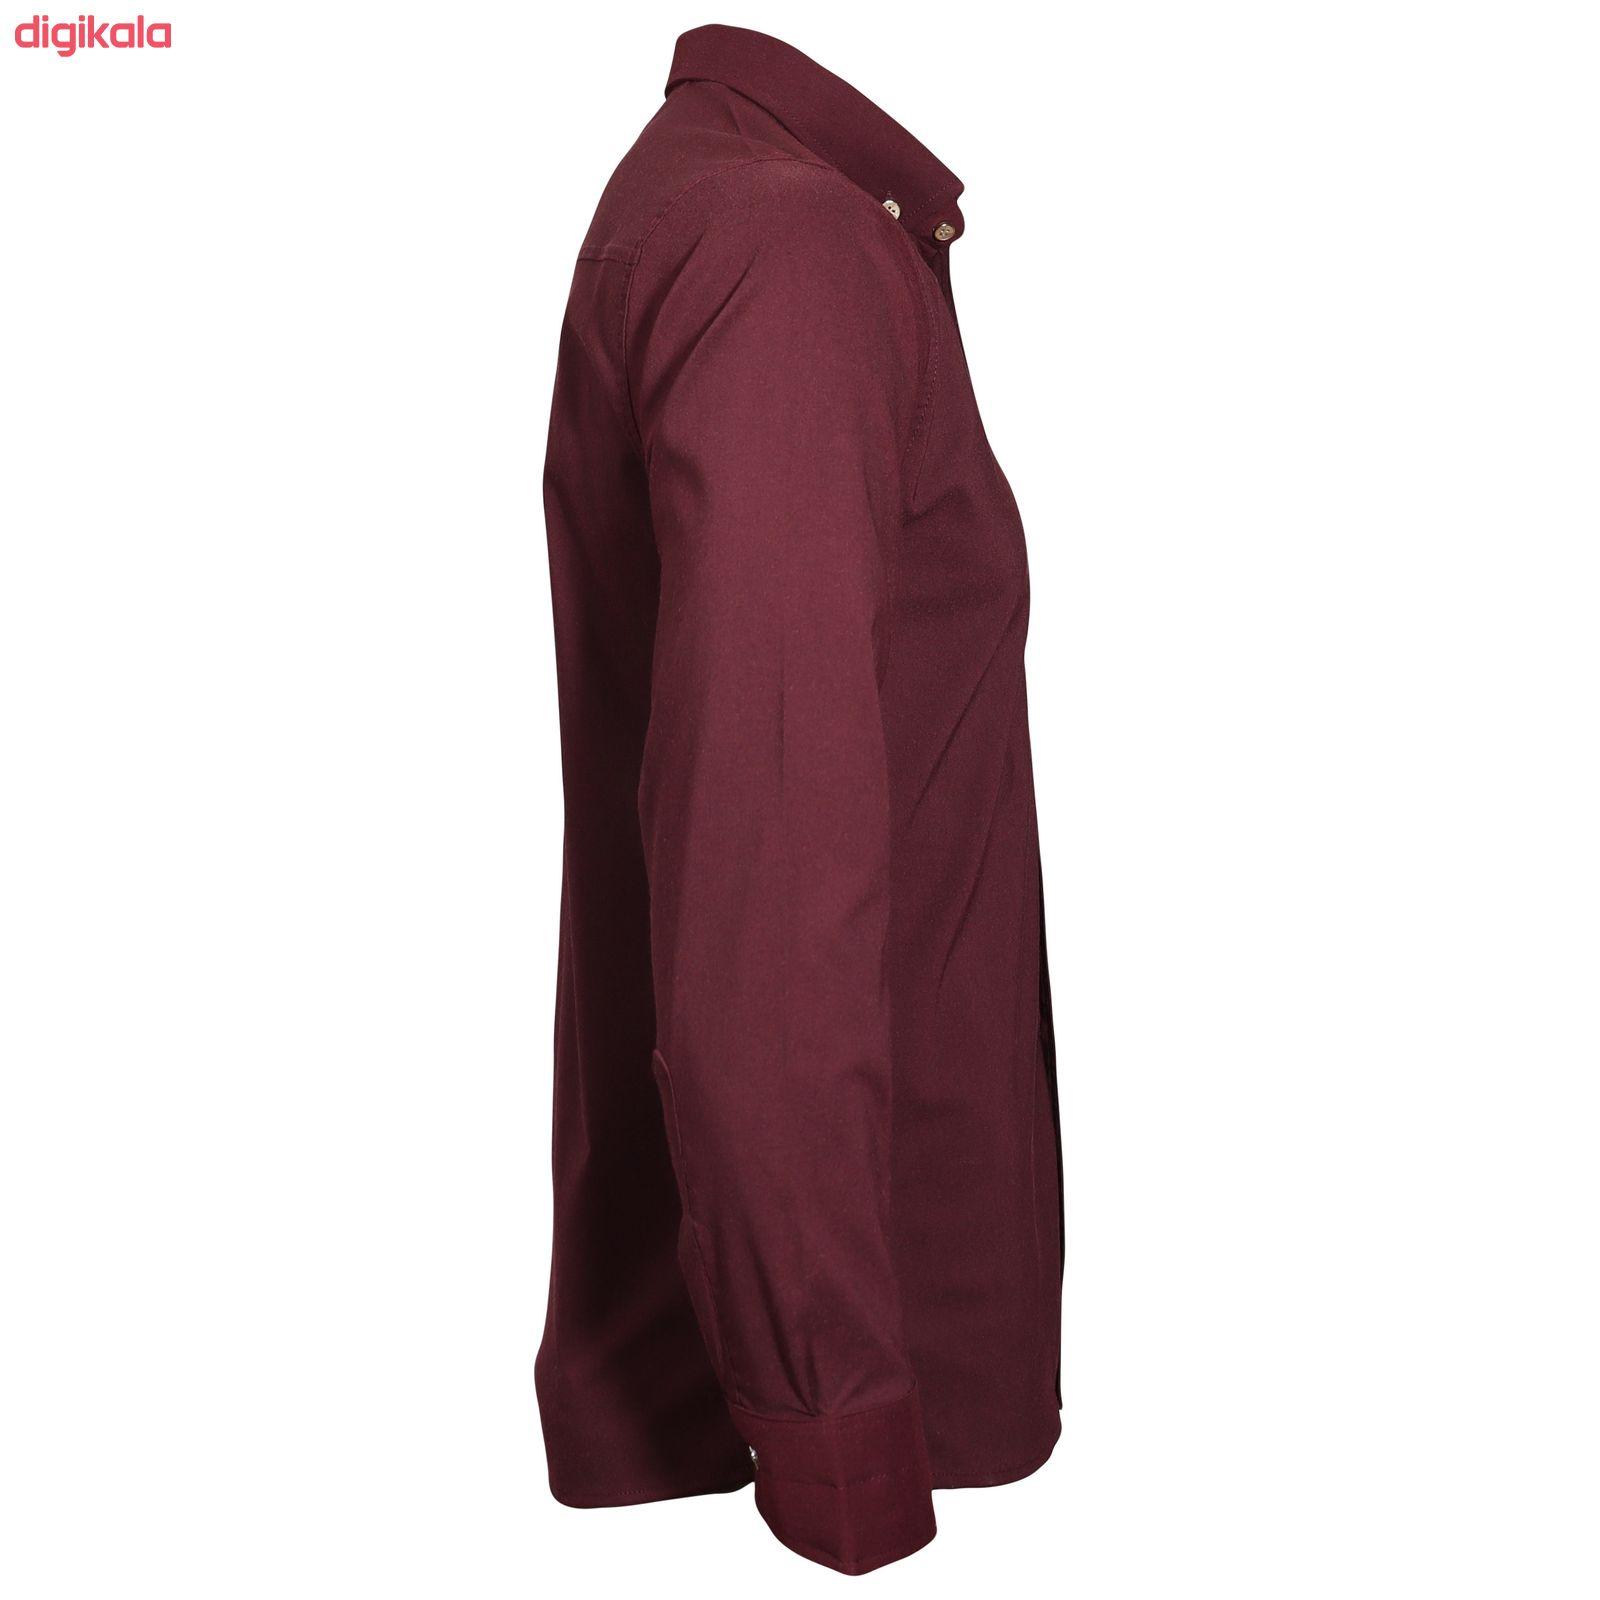 پیراهن آستین بلند مردانه مدل zk10023 main 1 1